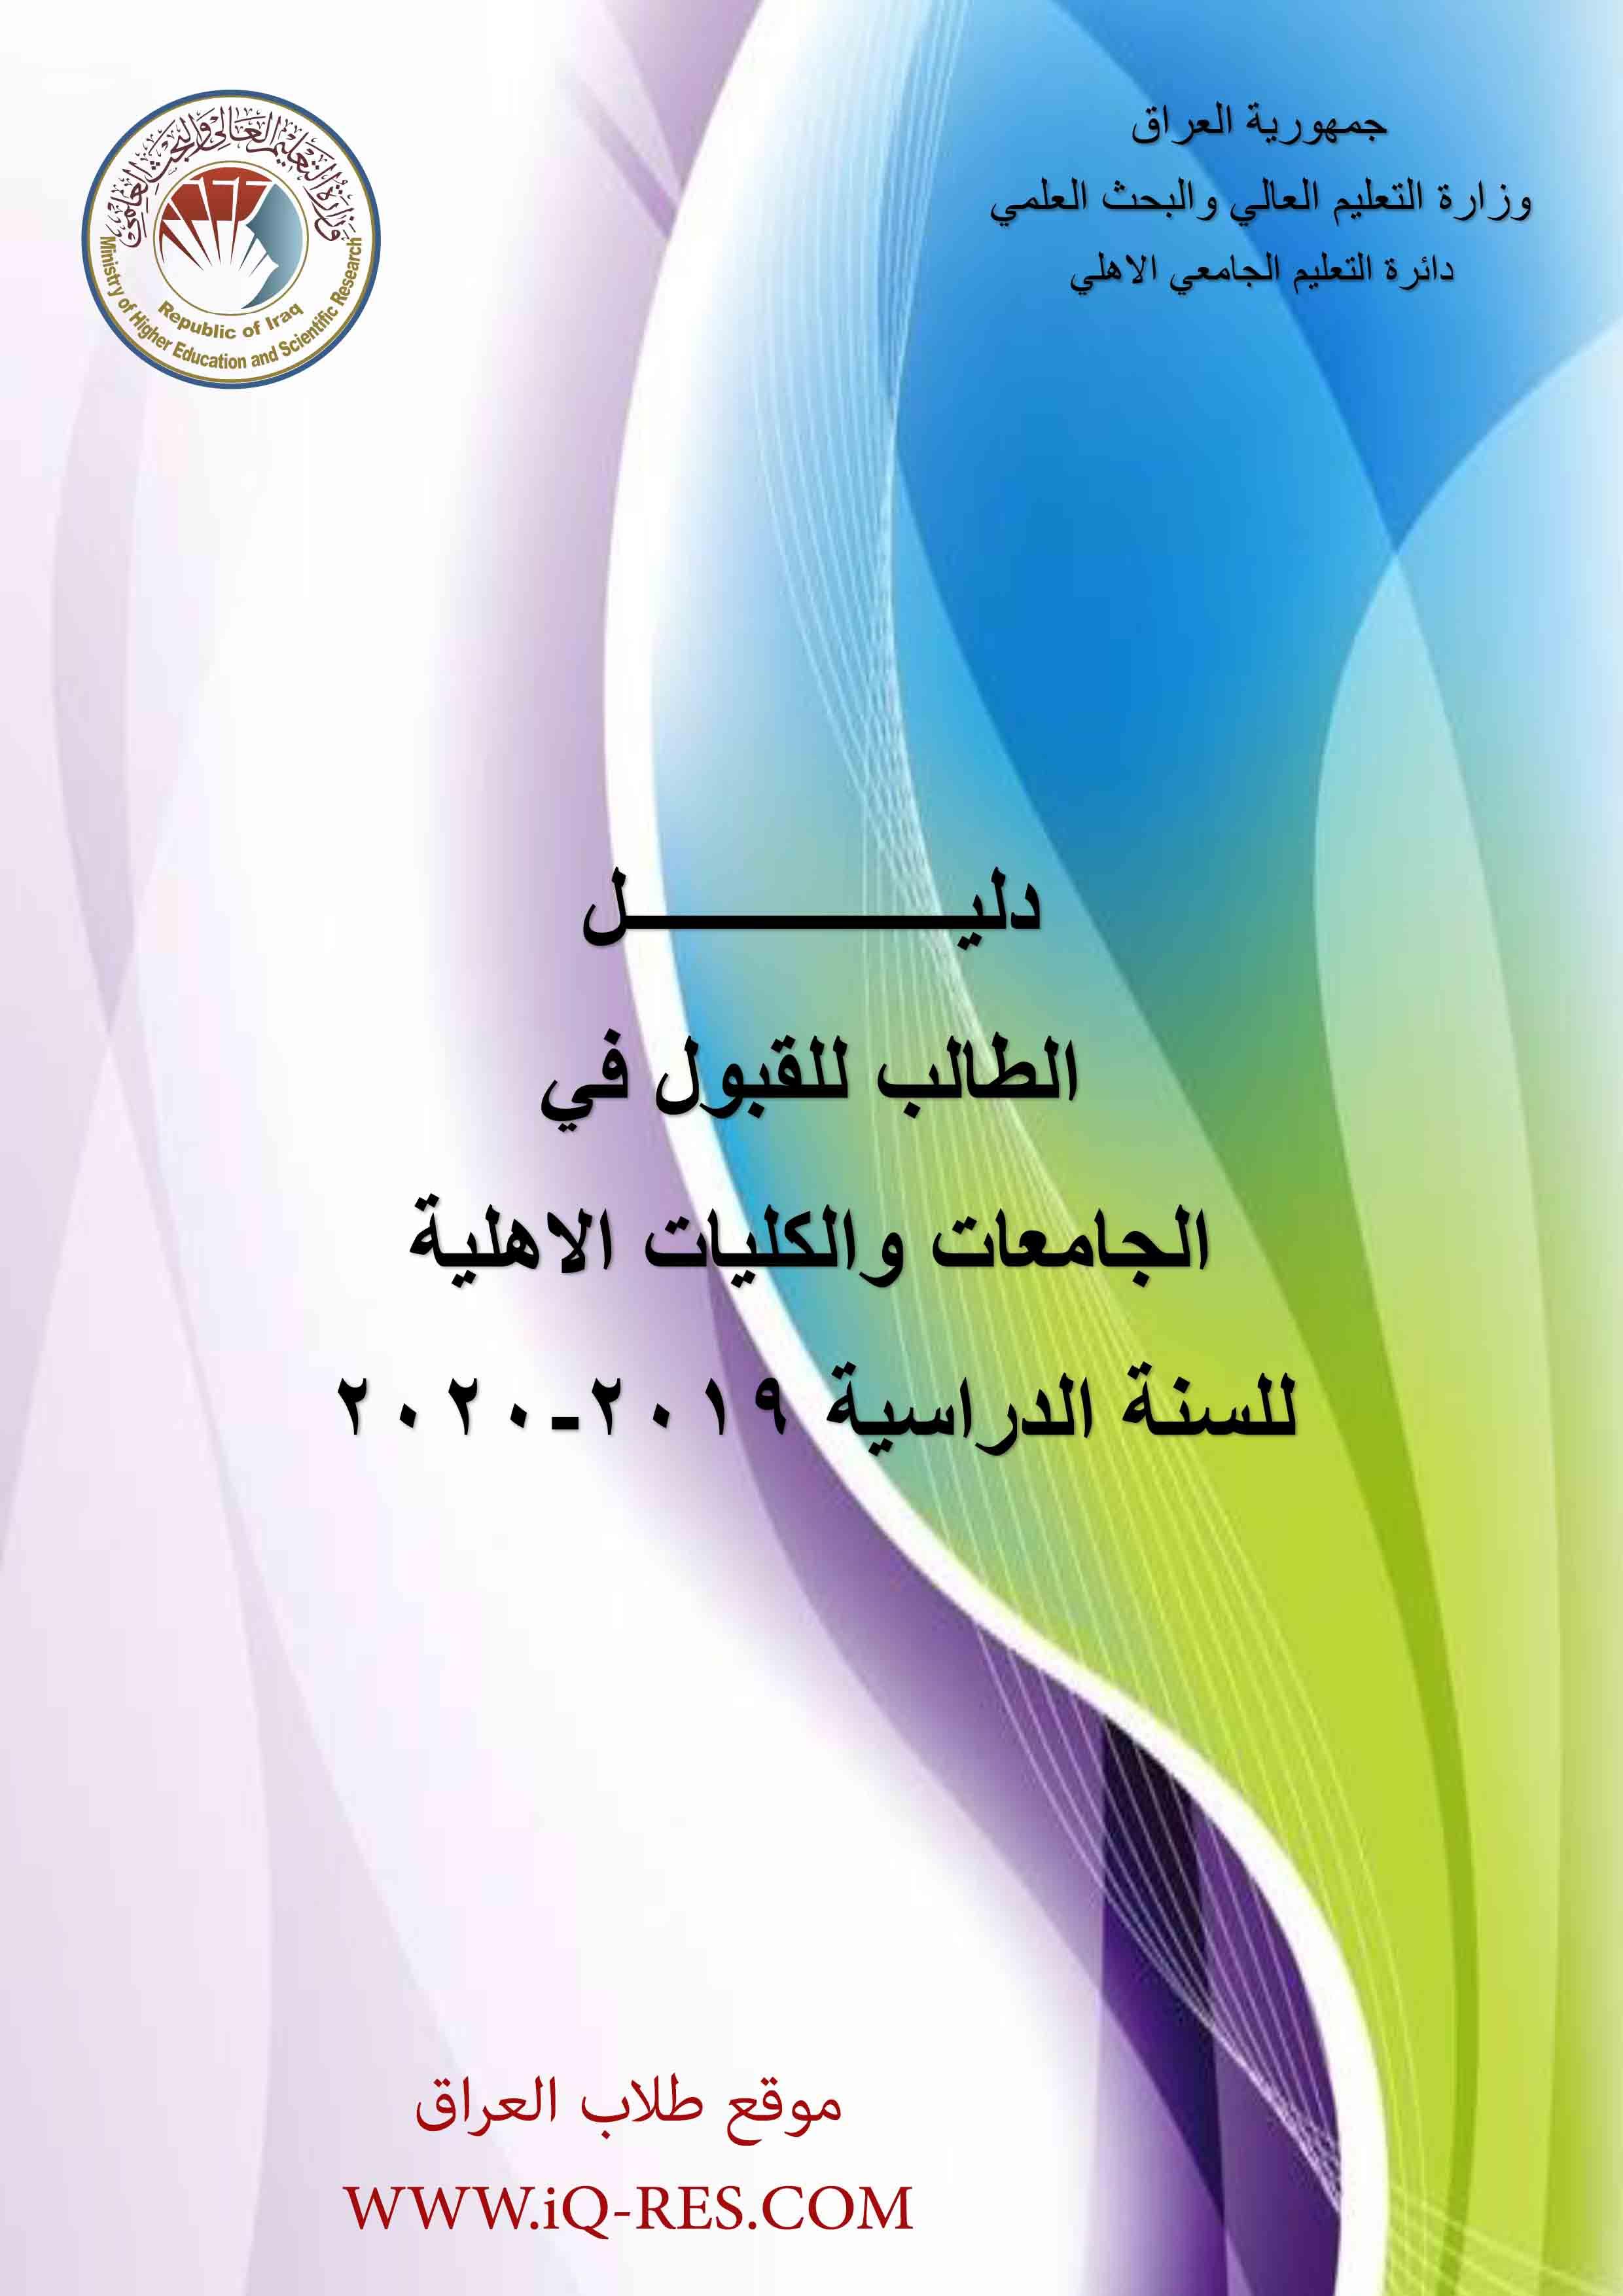 دليل الطالب للقبول في الجامعات والكليات الاهلية 2020-2019 في العراق Caoa_a11